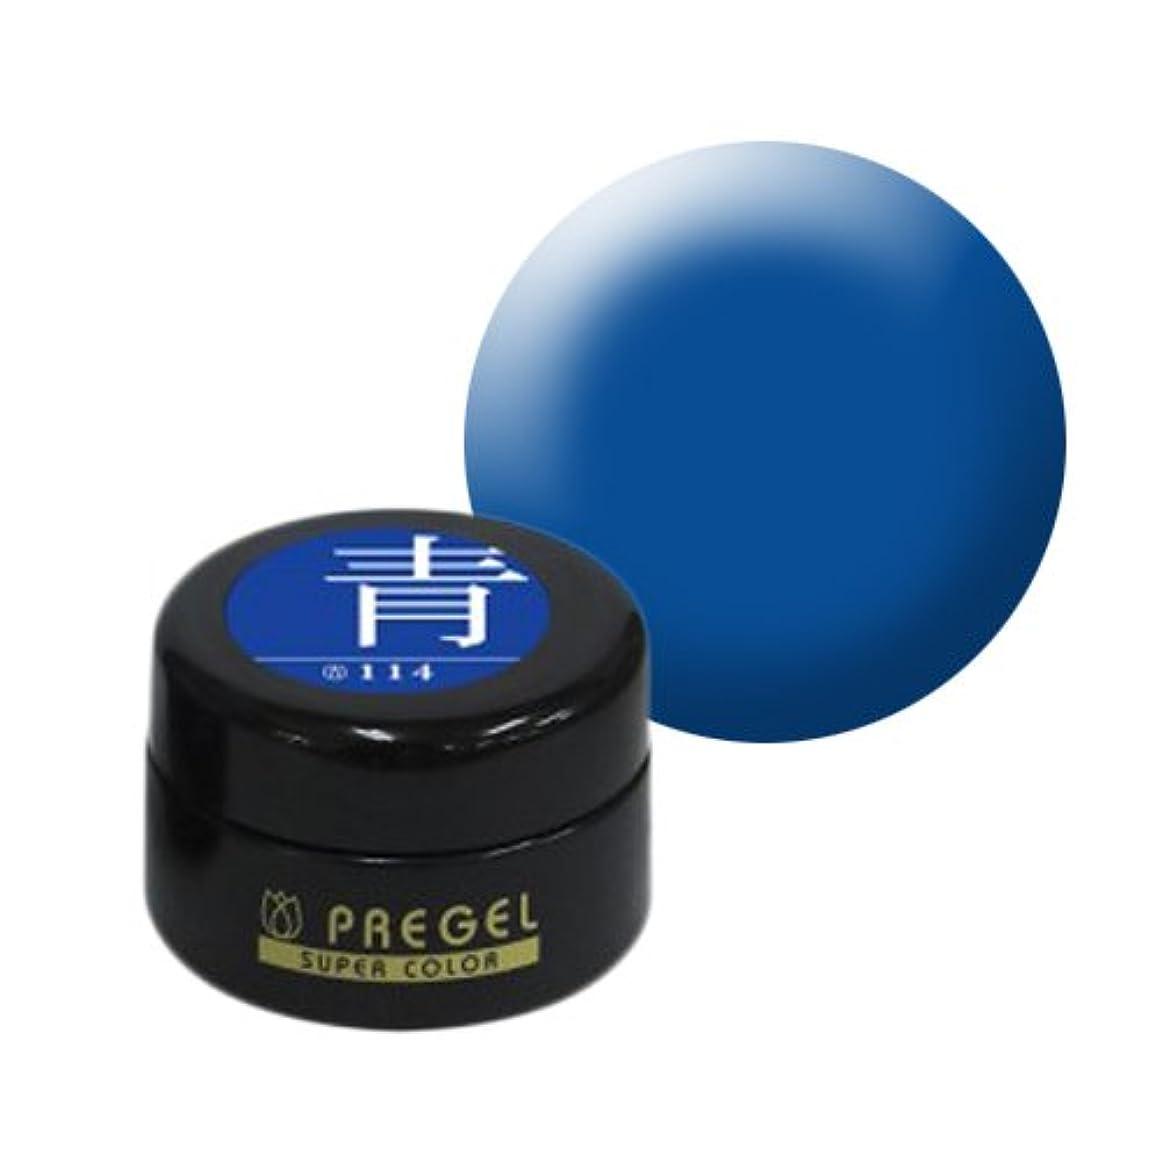 【PREGEL】カラーEx 青 / PG-CE114 【UV&LED】プリジェル カラージェル ジェルネイル用品